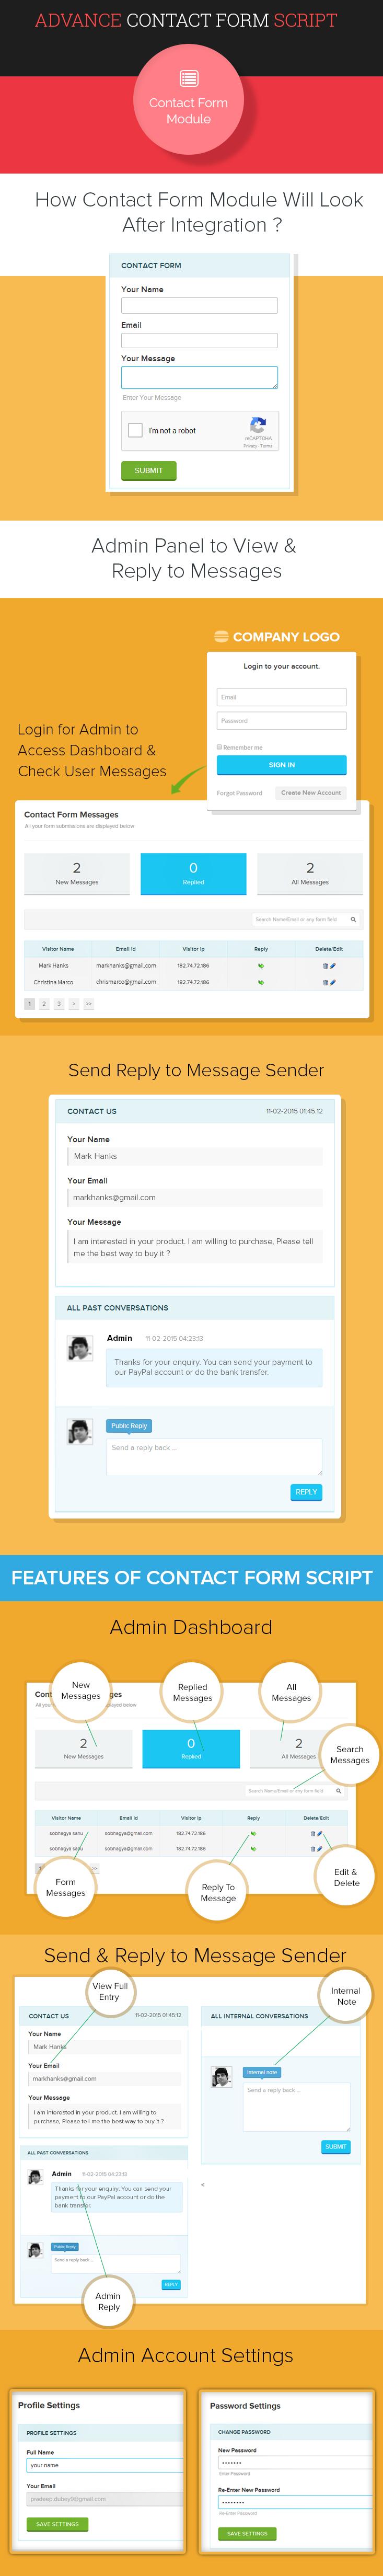 advance-contact-form-script